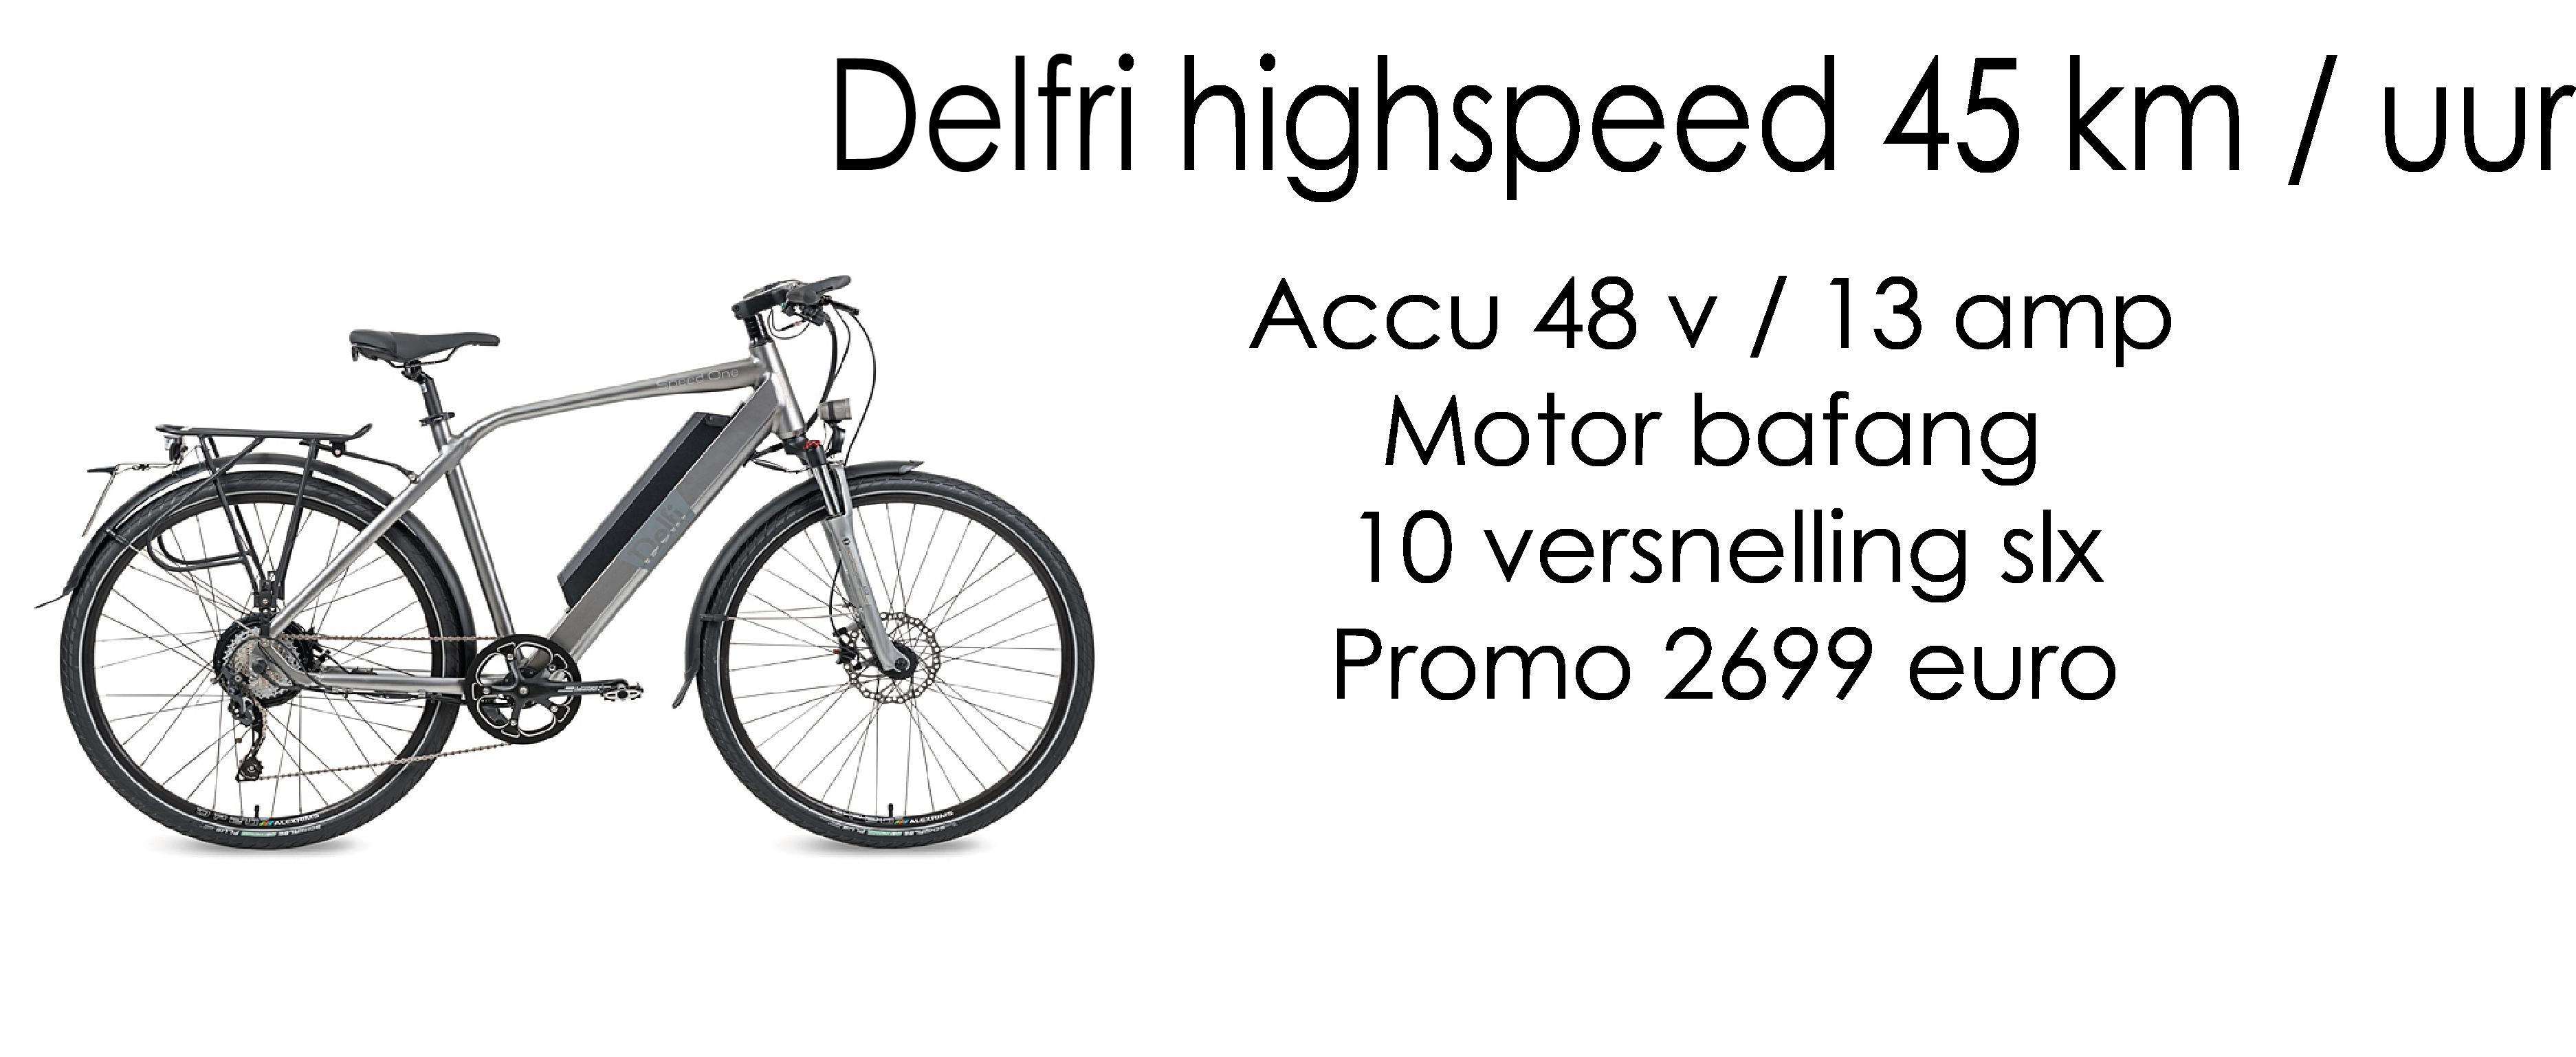 Delfti highspeed